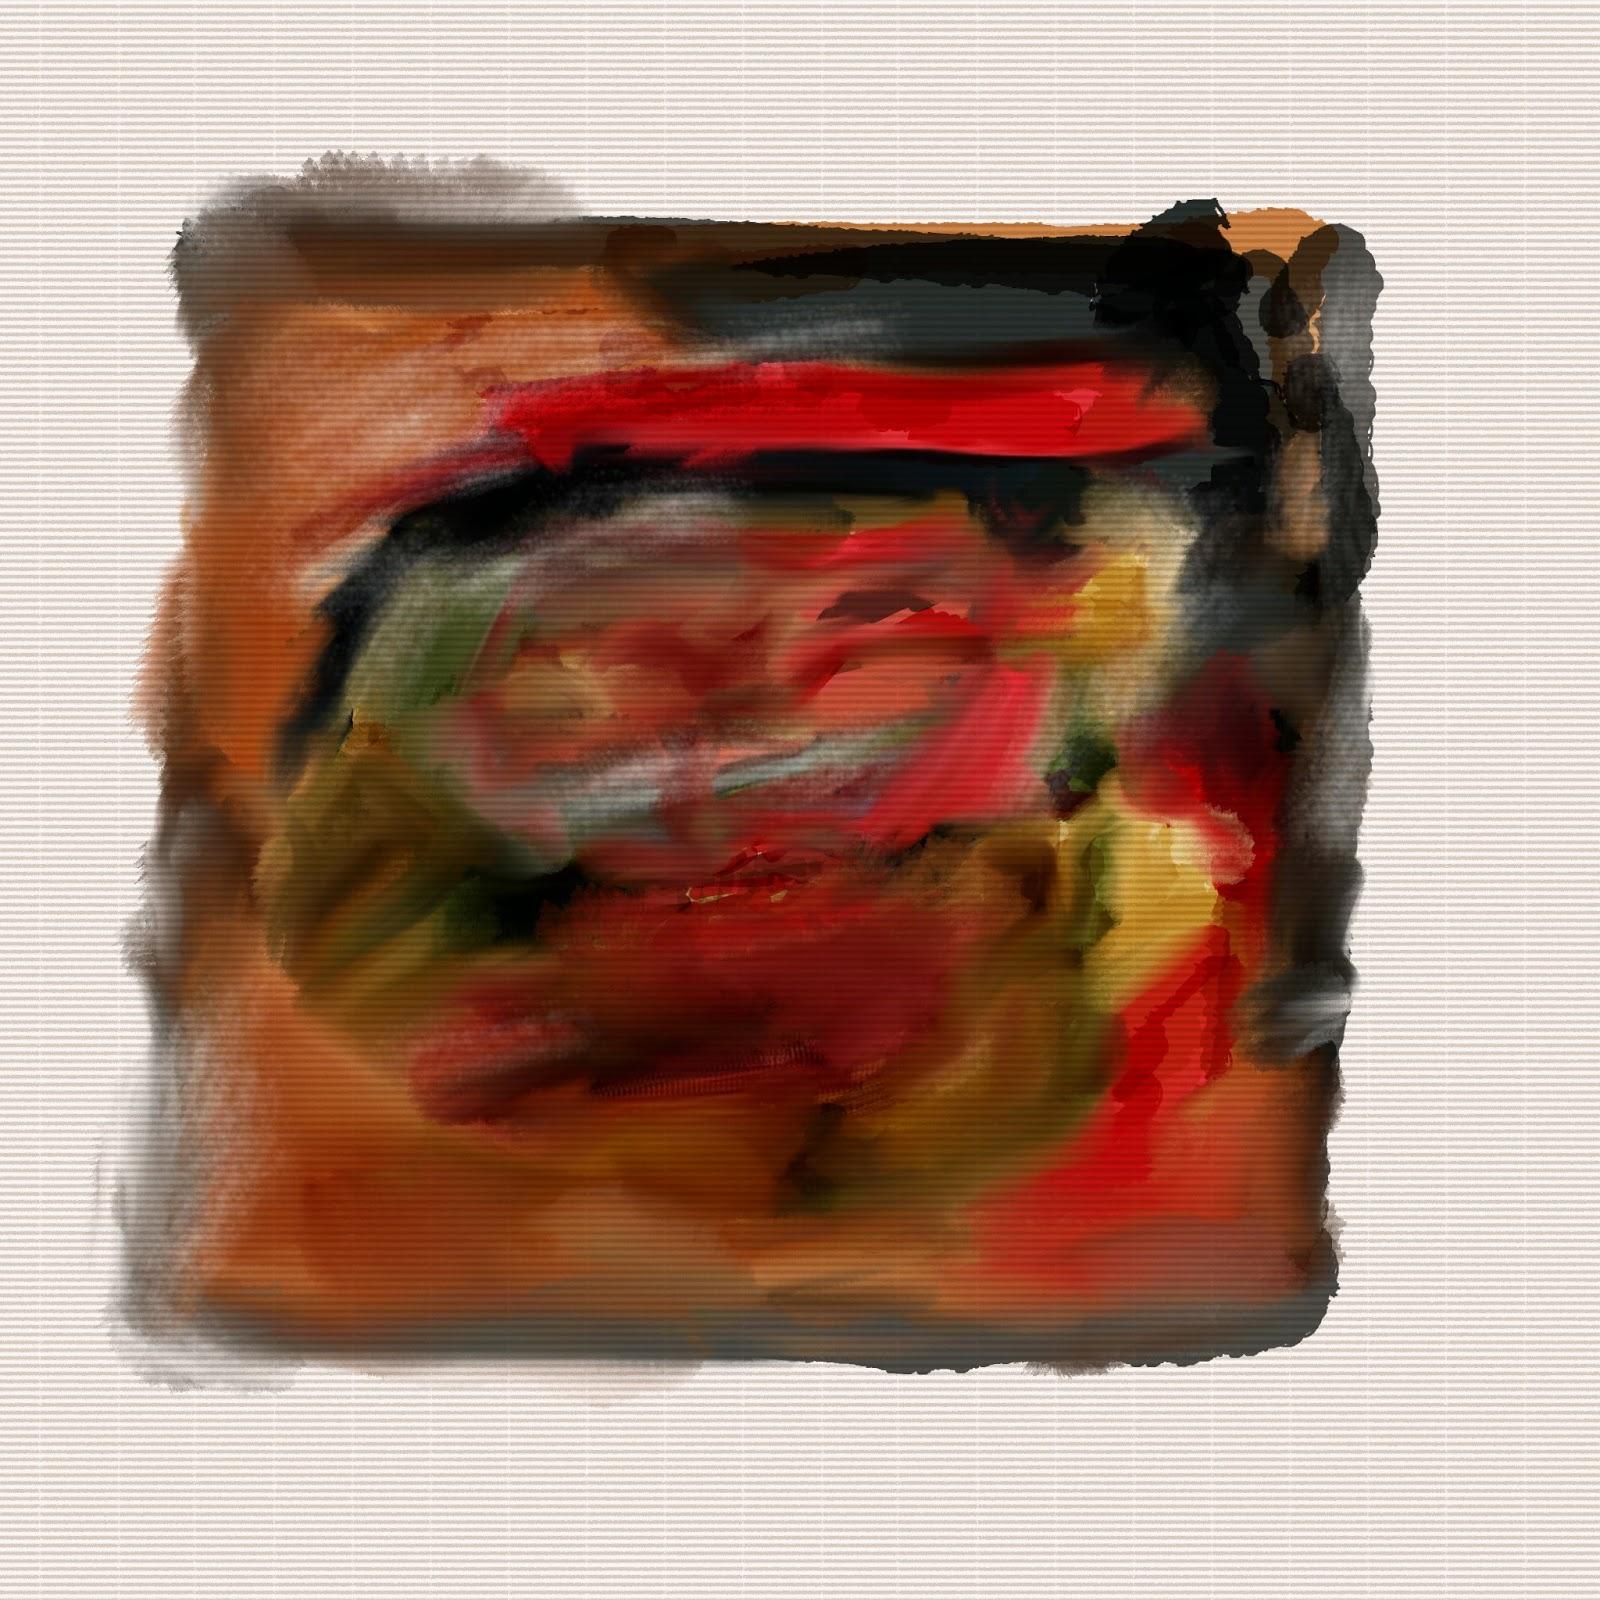 Misto de técnica seca e úmida da aquarela em meio digital com um suporte parecido ao papel tipo Ingres, realizado no Gimp.